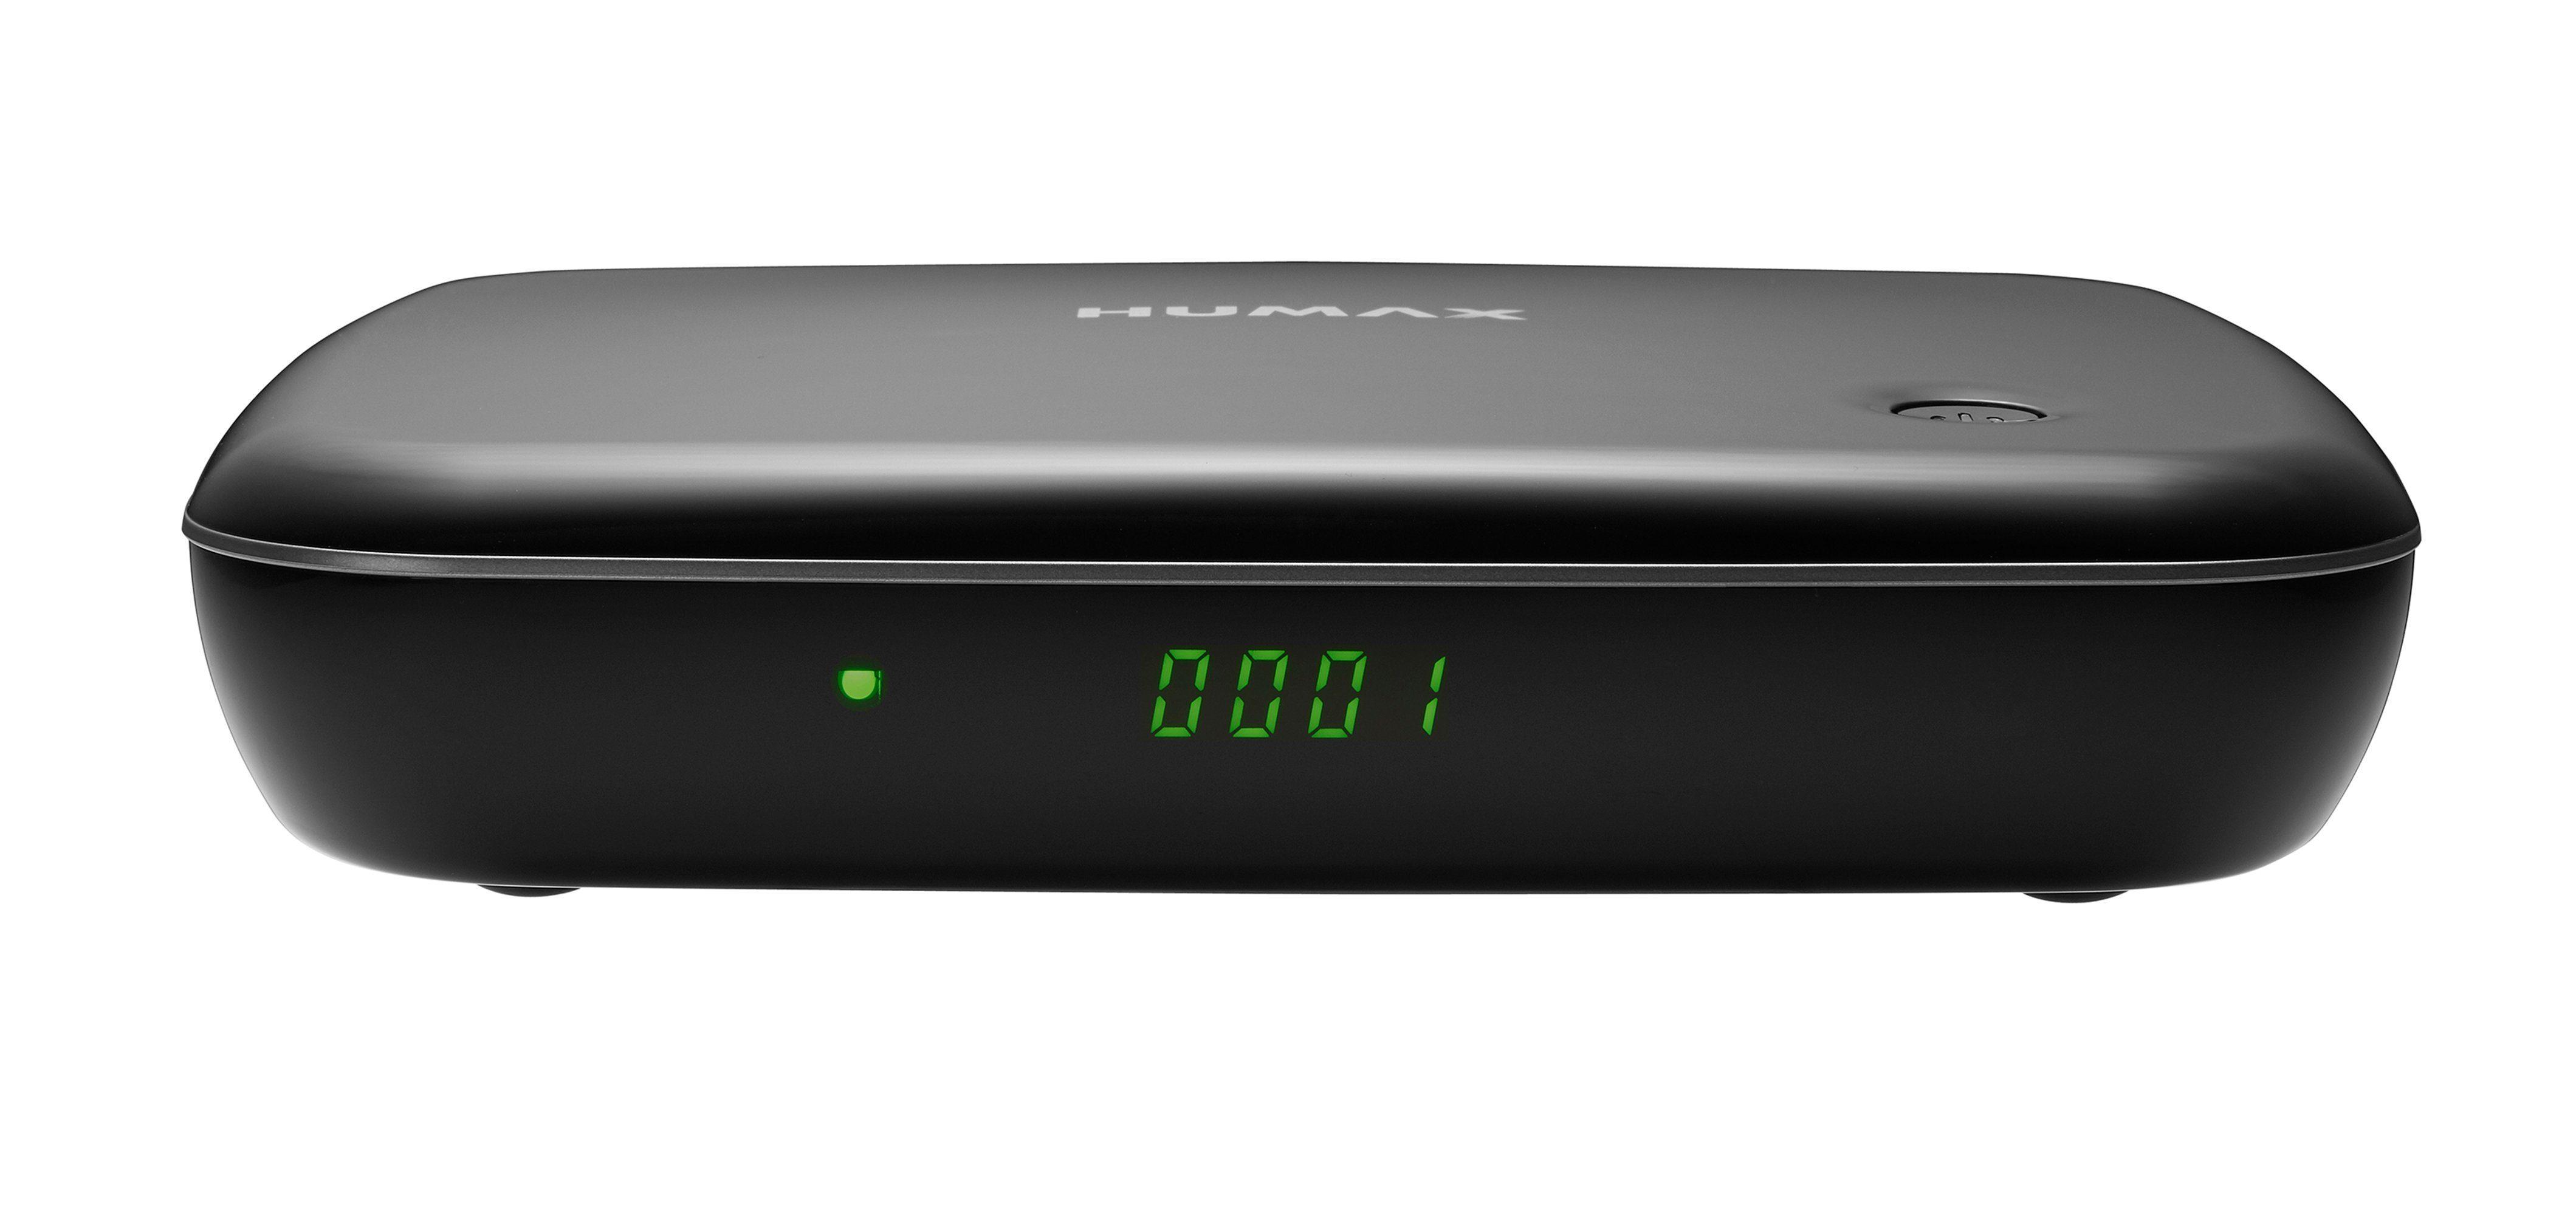 HUMAX DVB-T2 Digitaler HD Receiver mit USB & PVR Funktion »HD NANO T2«